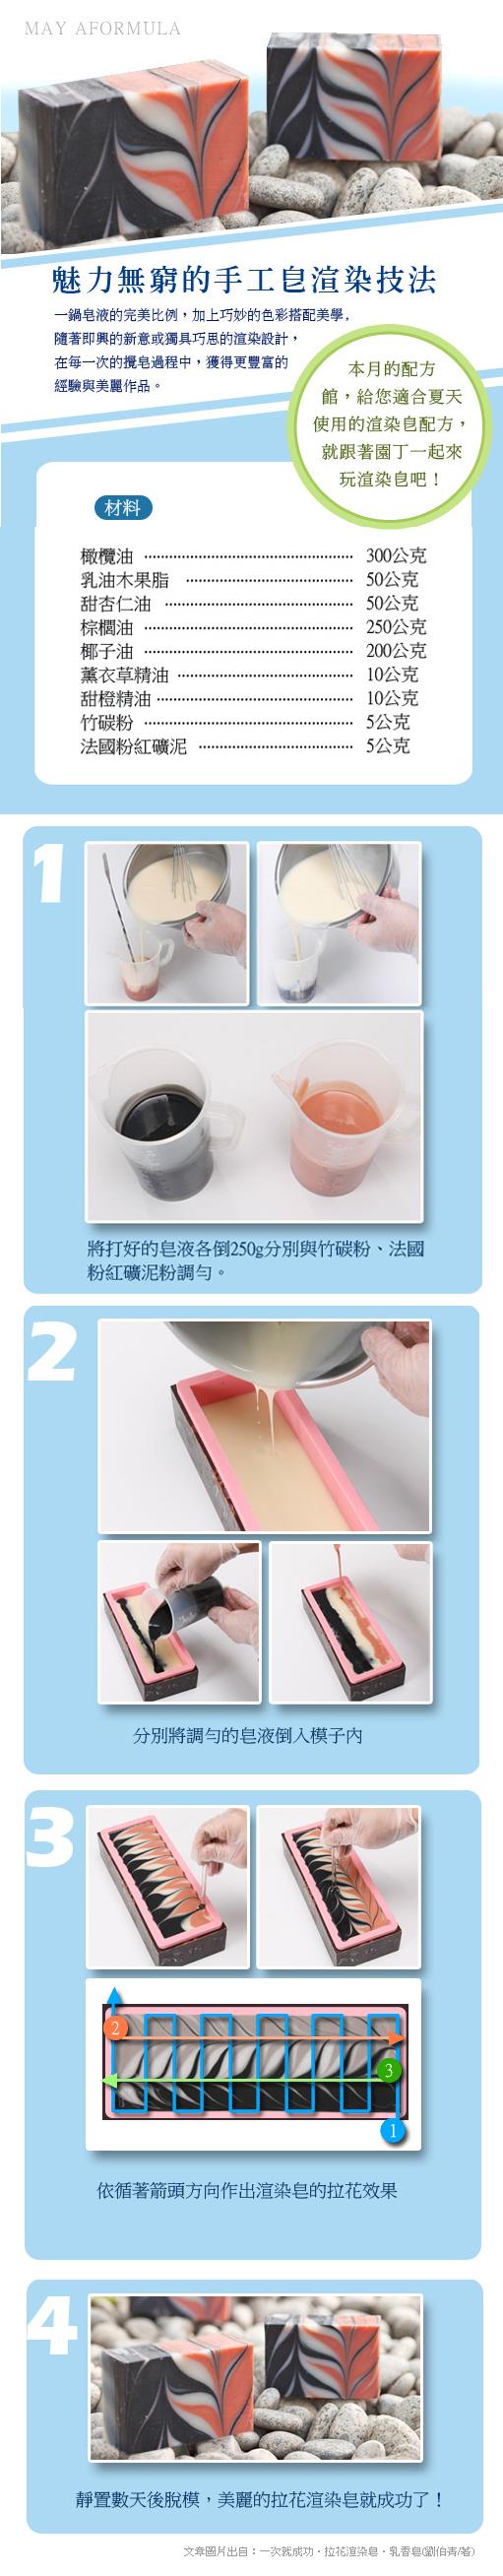 香草渲染皂配方